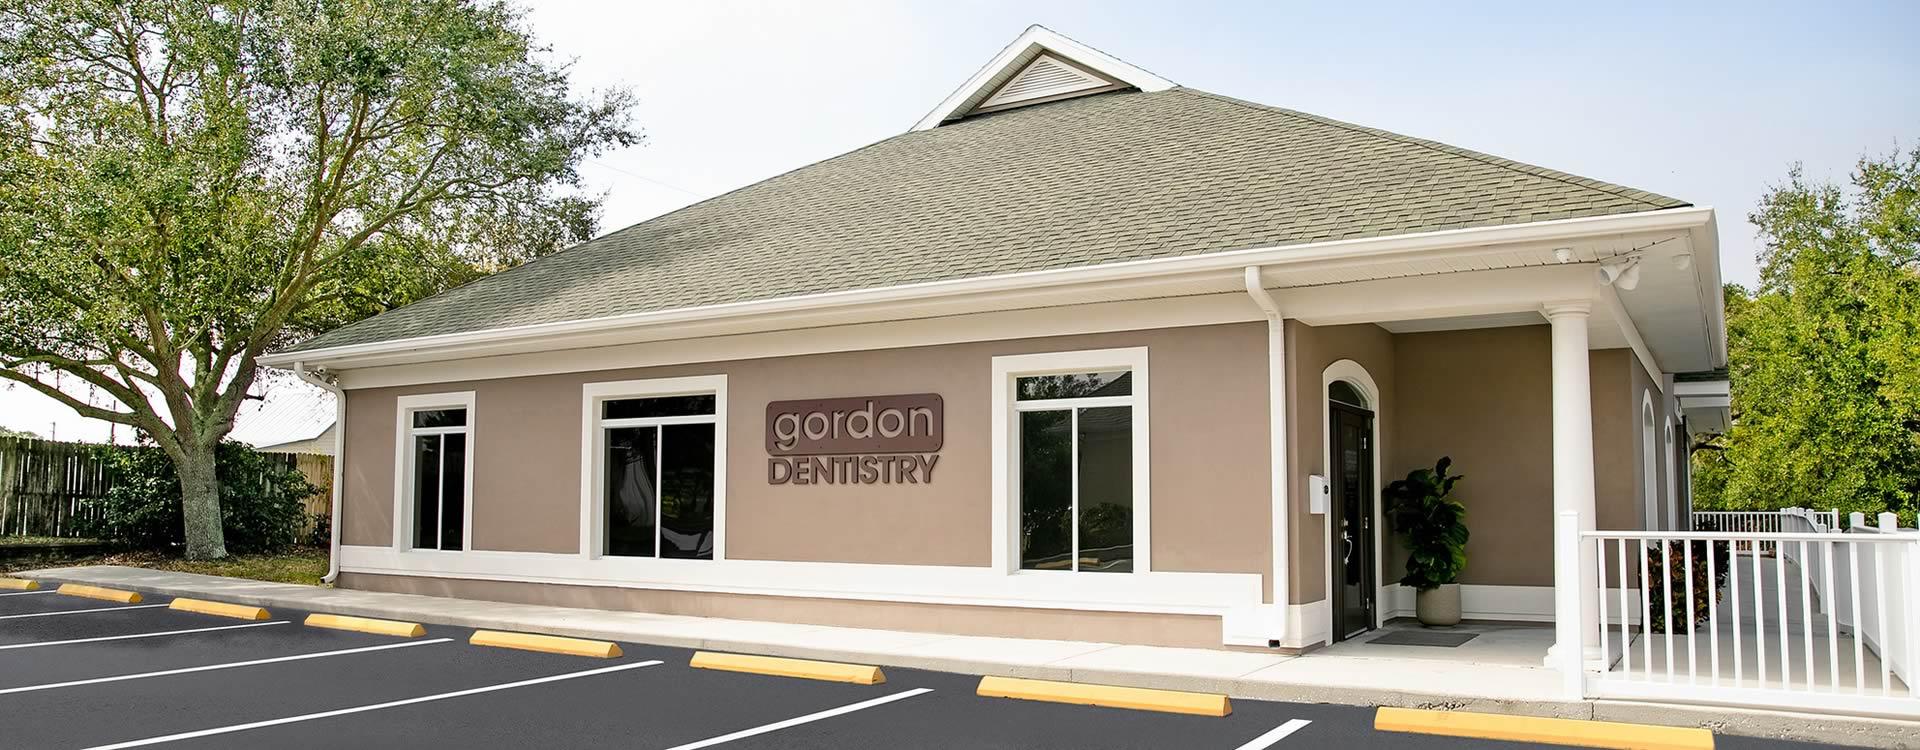 Gordon Dentistry - office exterior